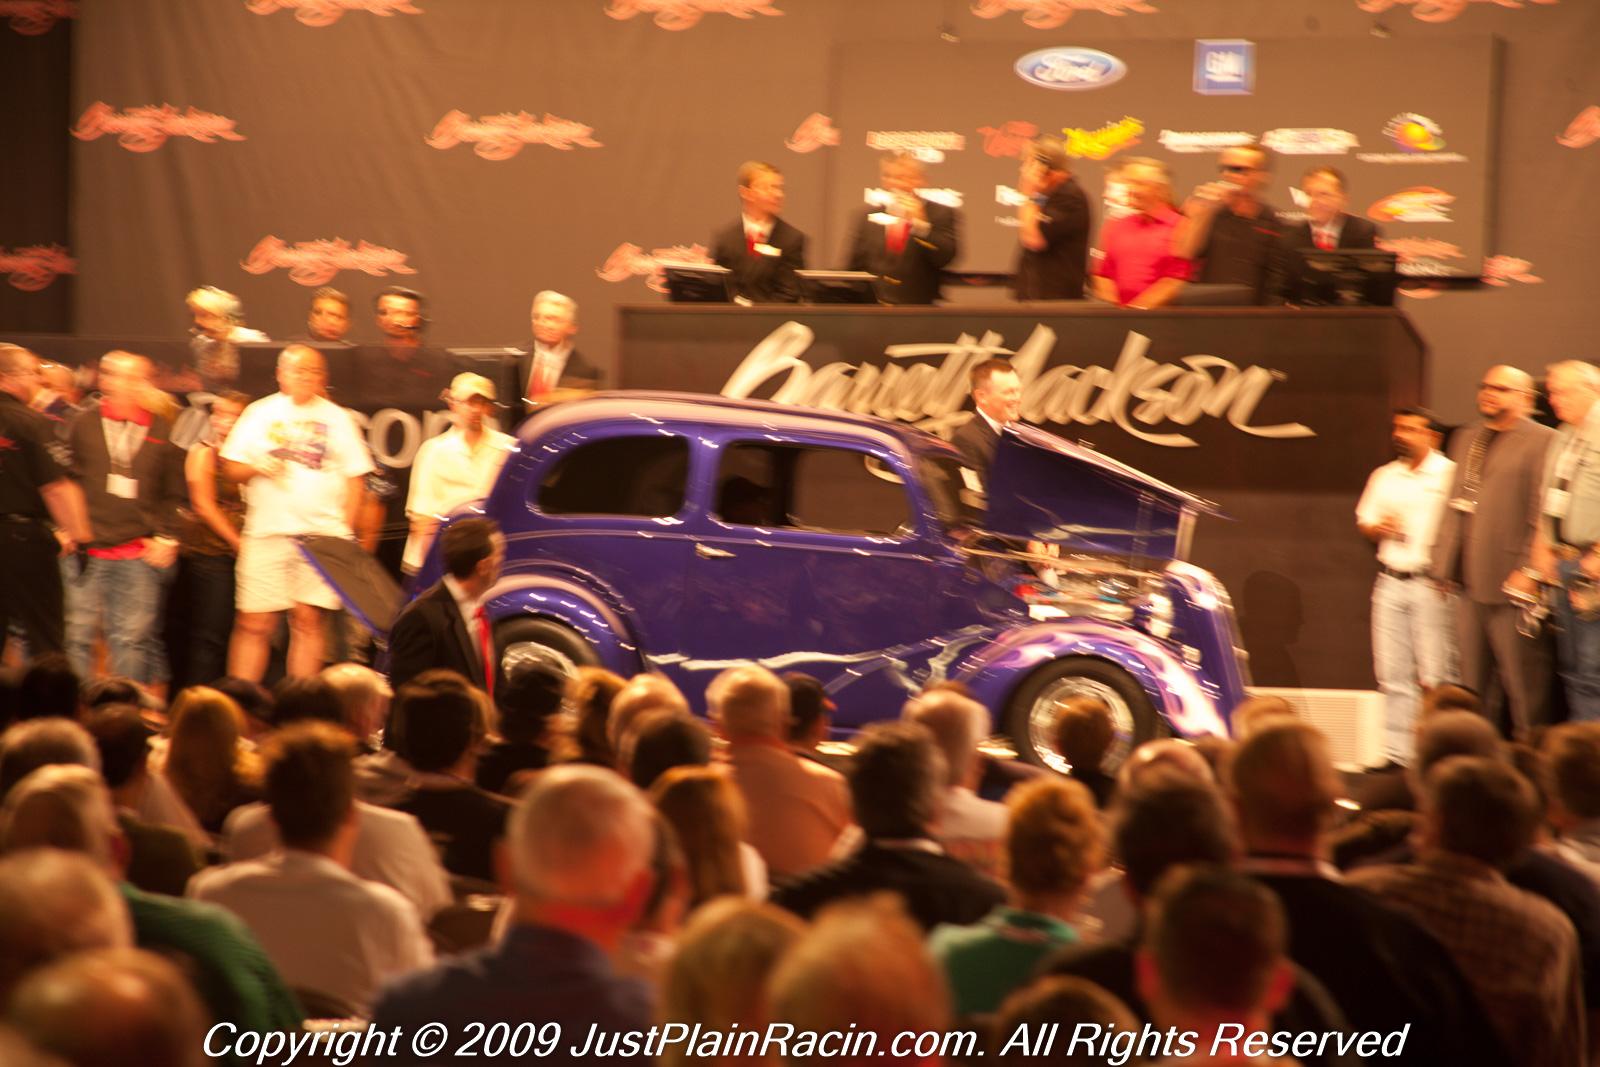 2009 10 09 NV - Barrett-Jackson 11.jpg